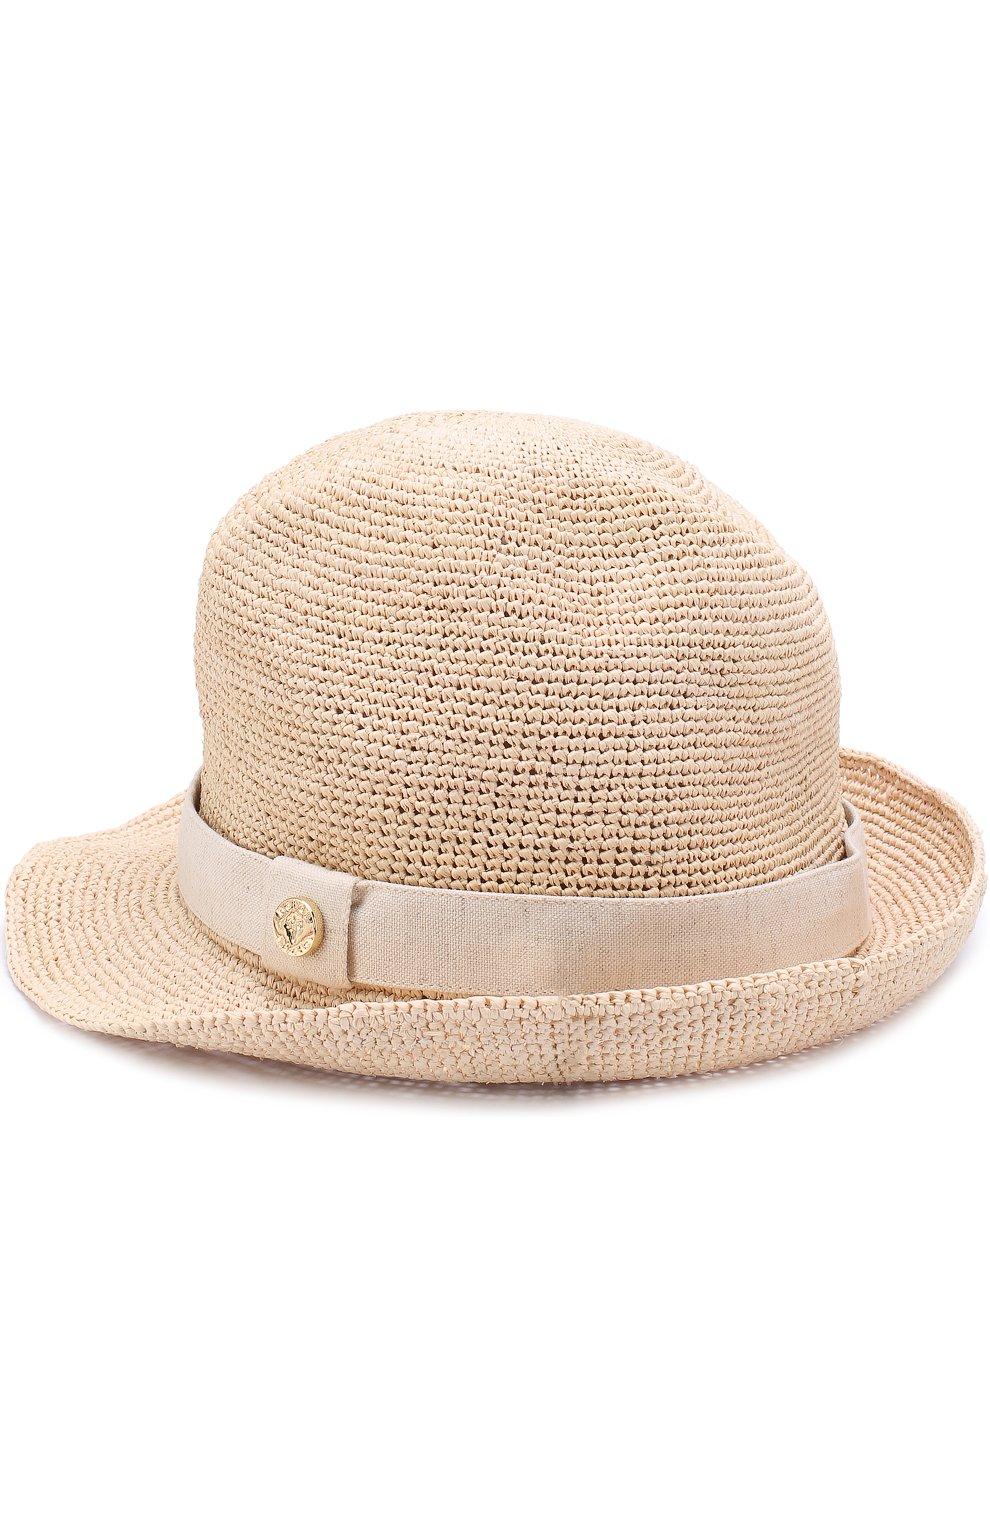 94fabdeee377 Пляжная шляпа из соломы с повязкой